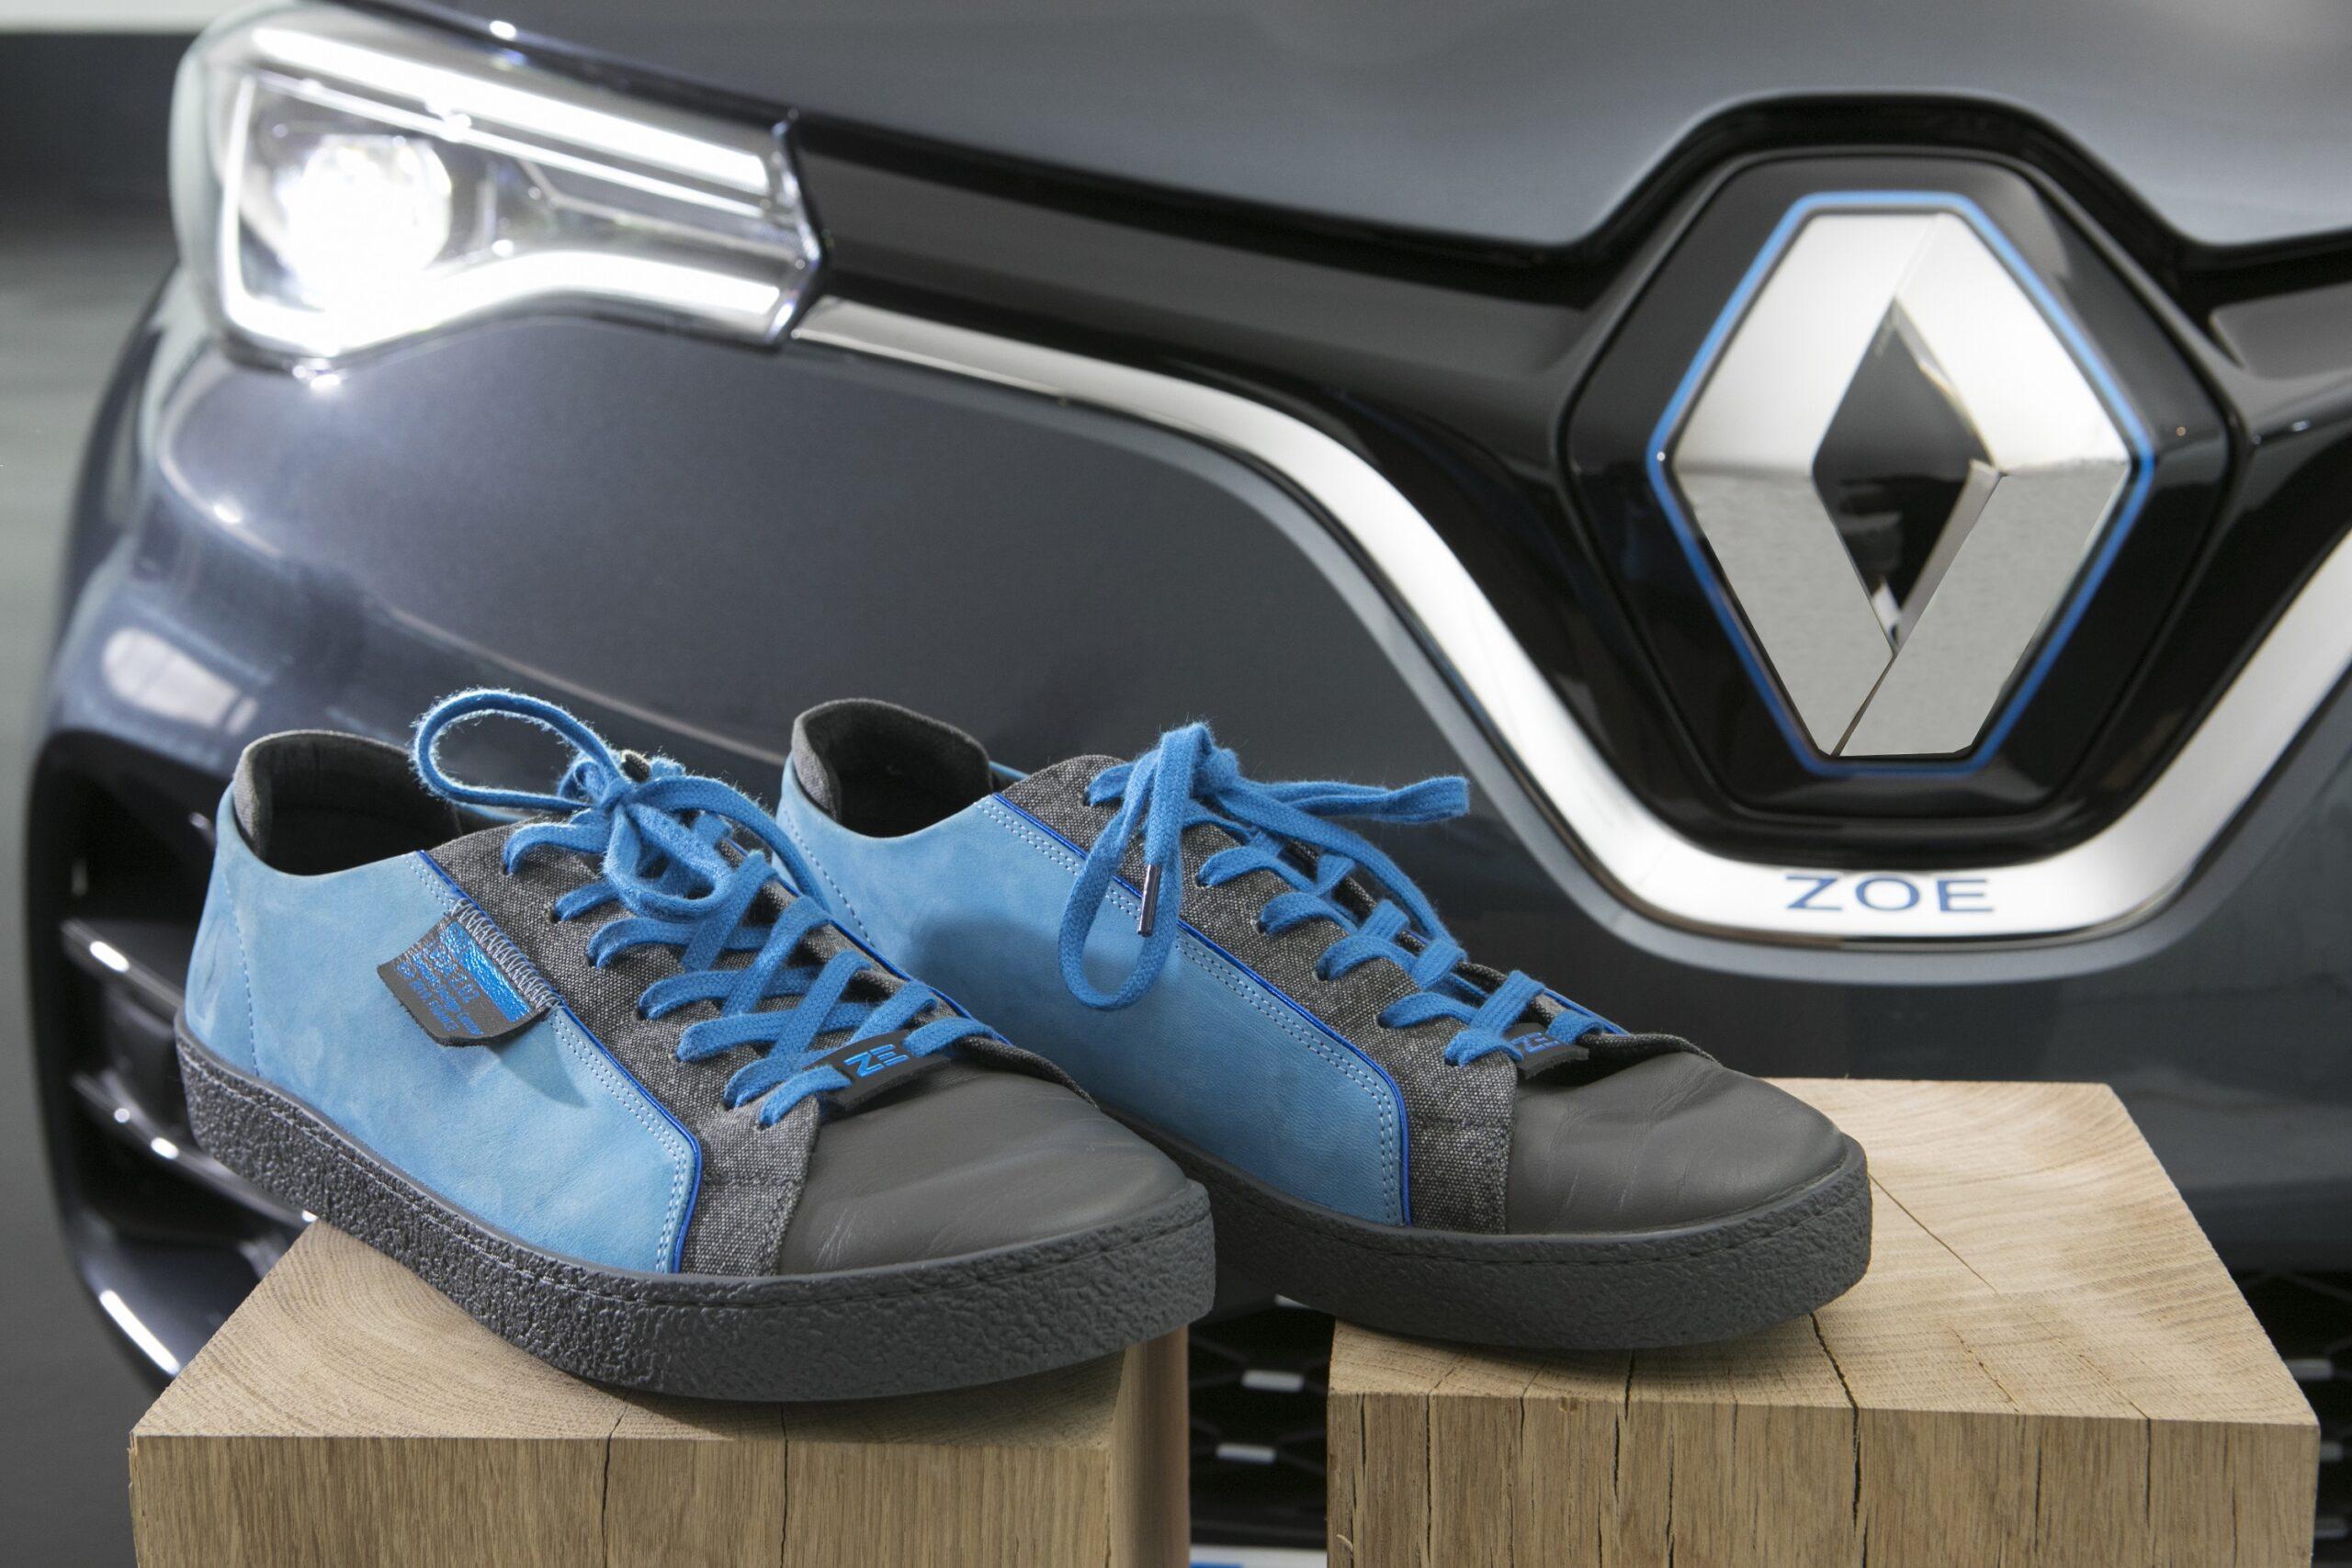 Renault x Le Coq Sportif - SneaCARS